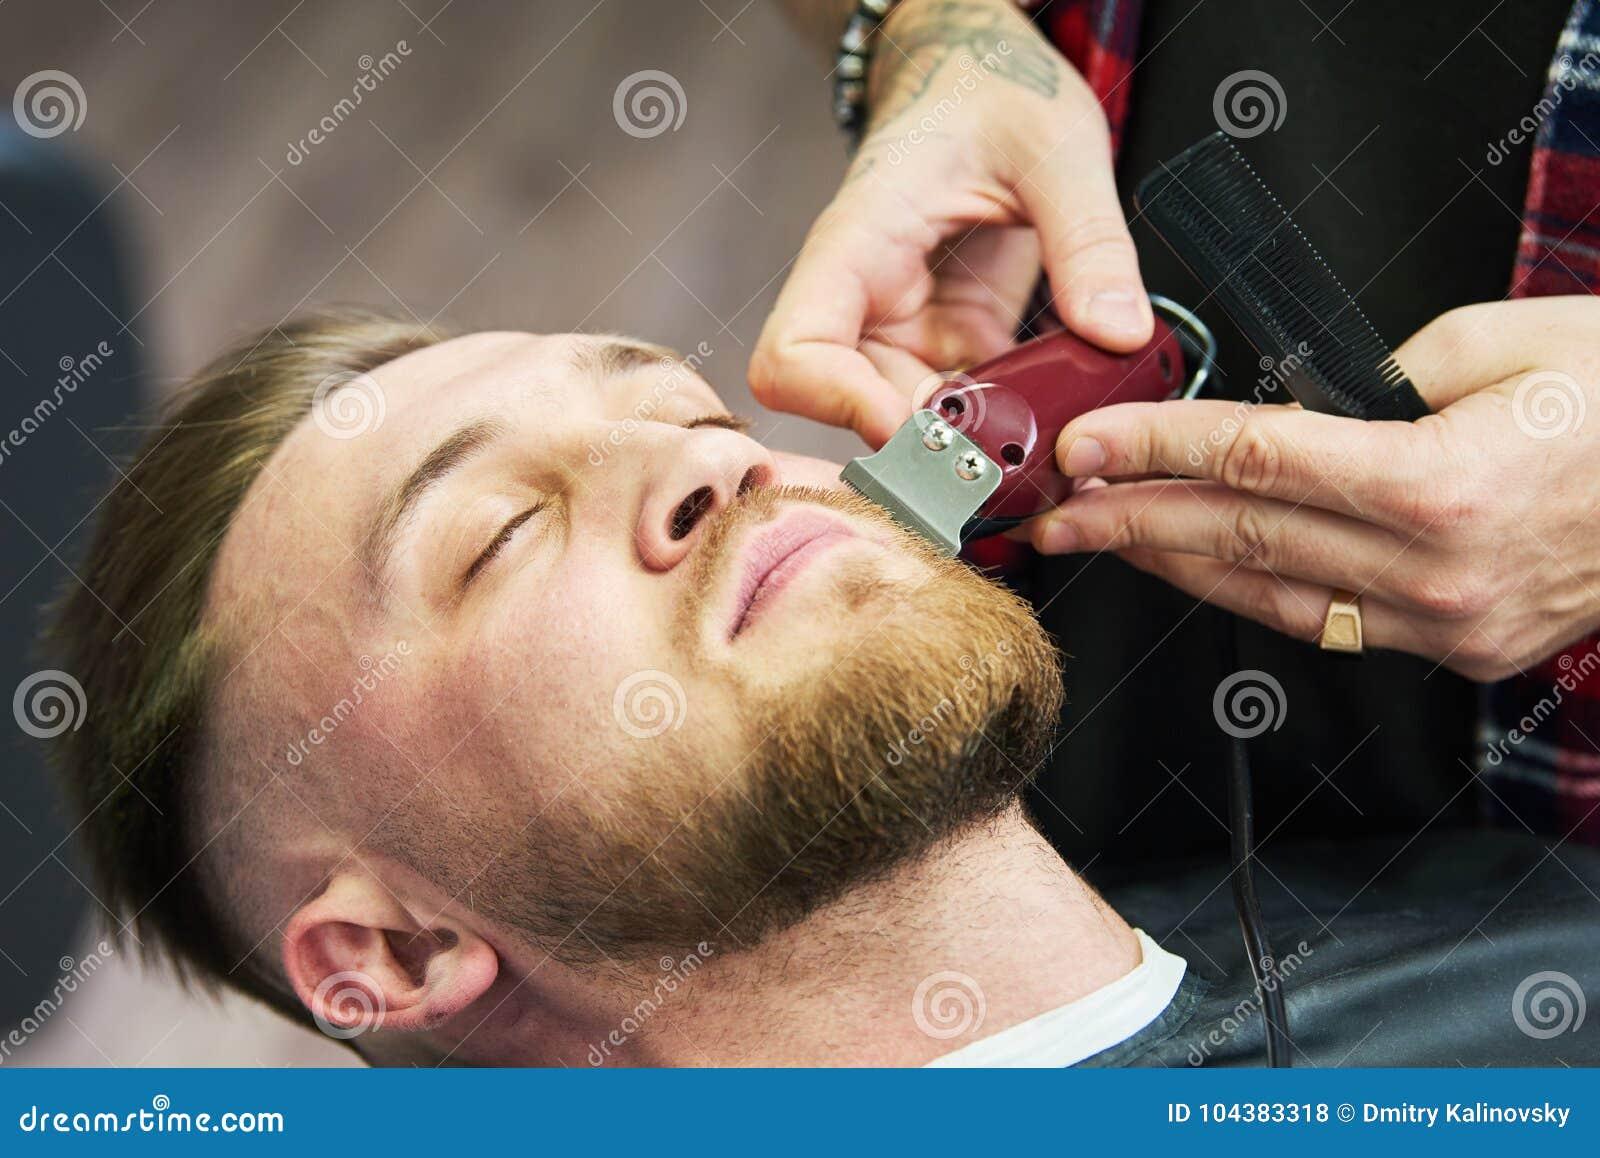 Skäggomsorg man, medan att klippa hans ansikts- hår klippte på frisersalongen